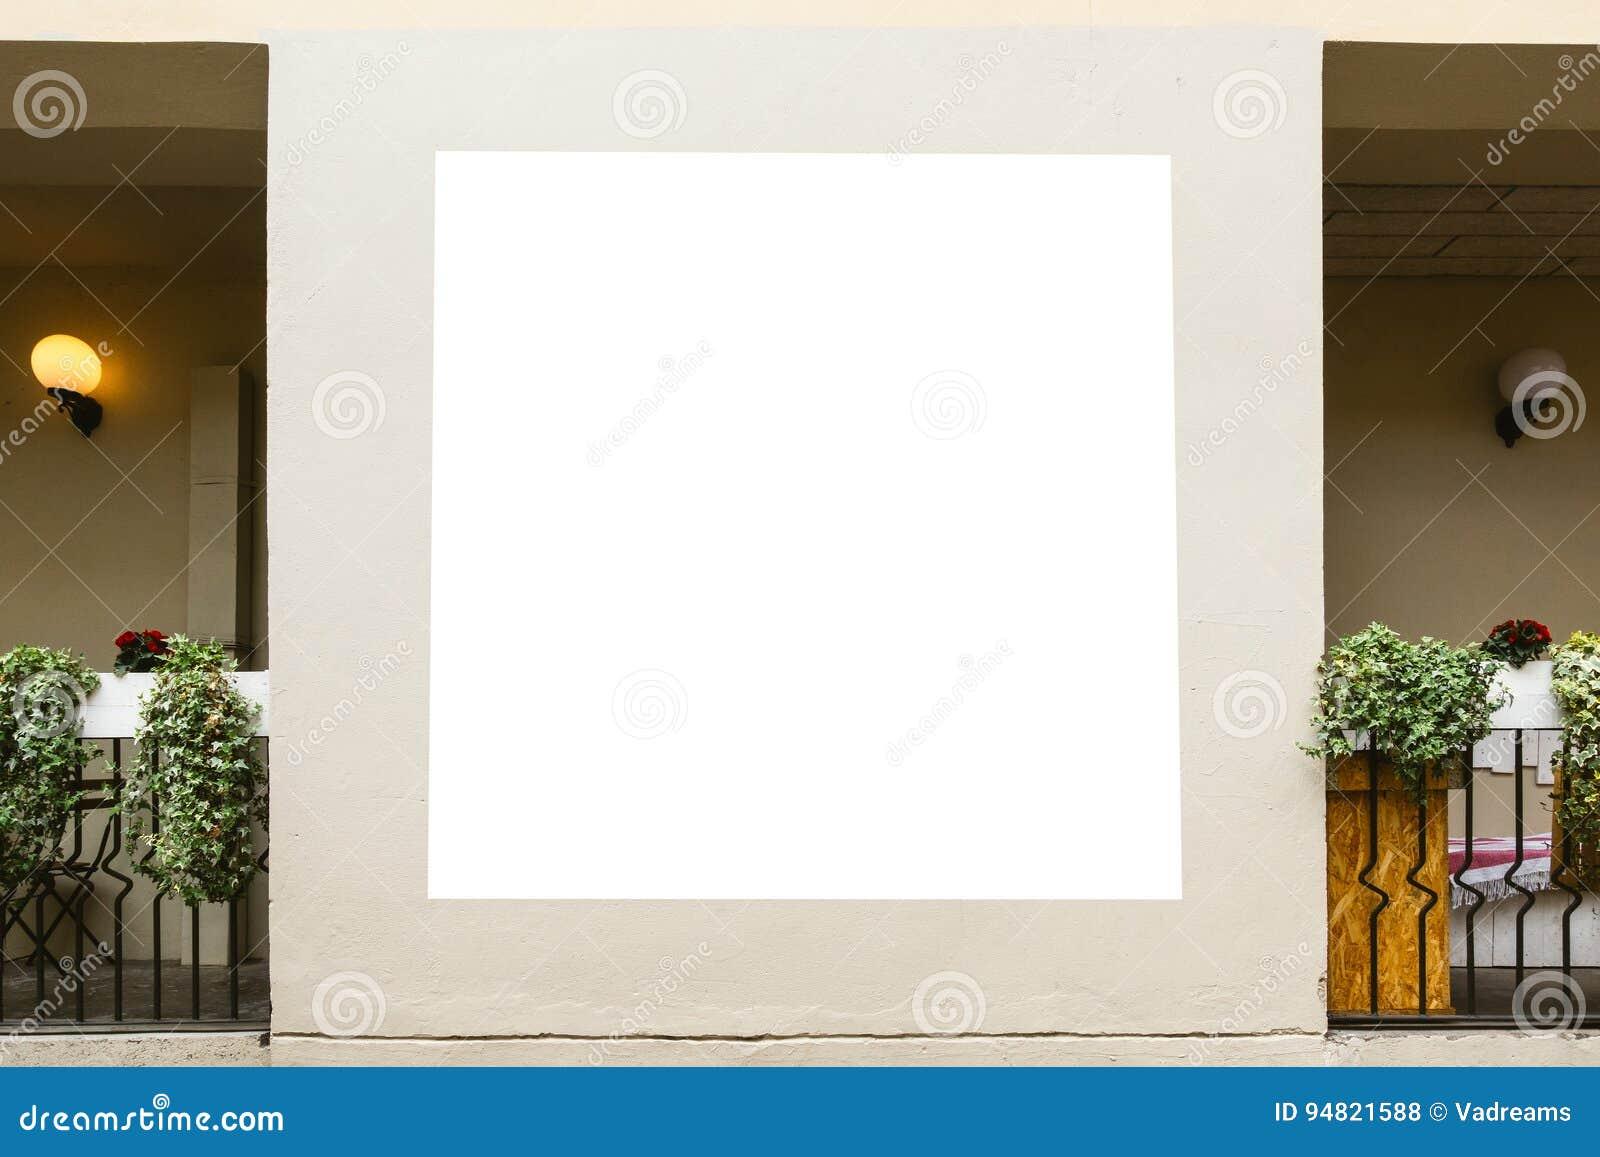 嘲笑 空白的广告牌,海报框架,做广告在墙壁上